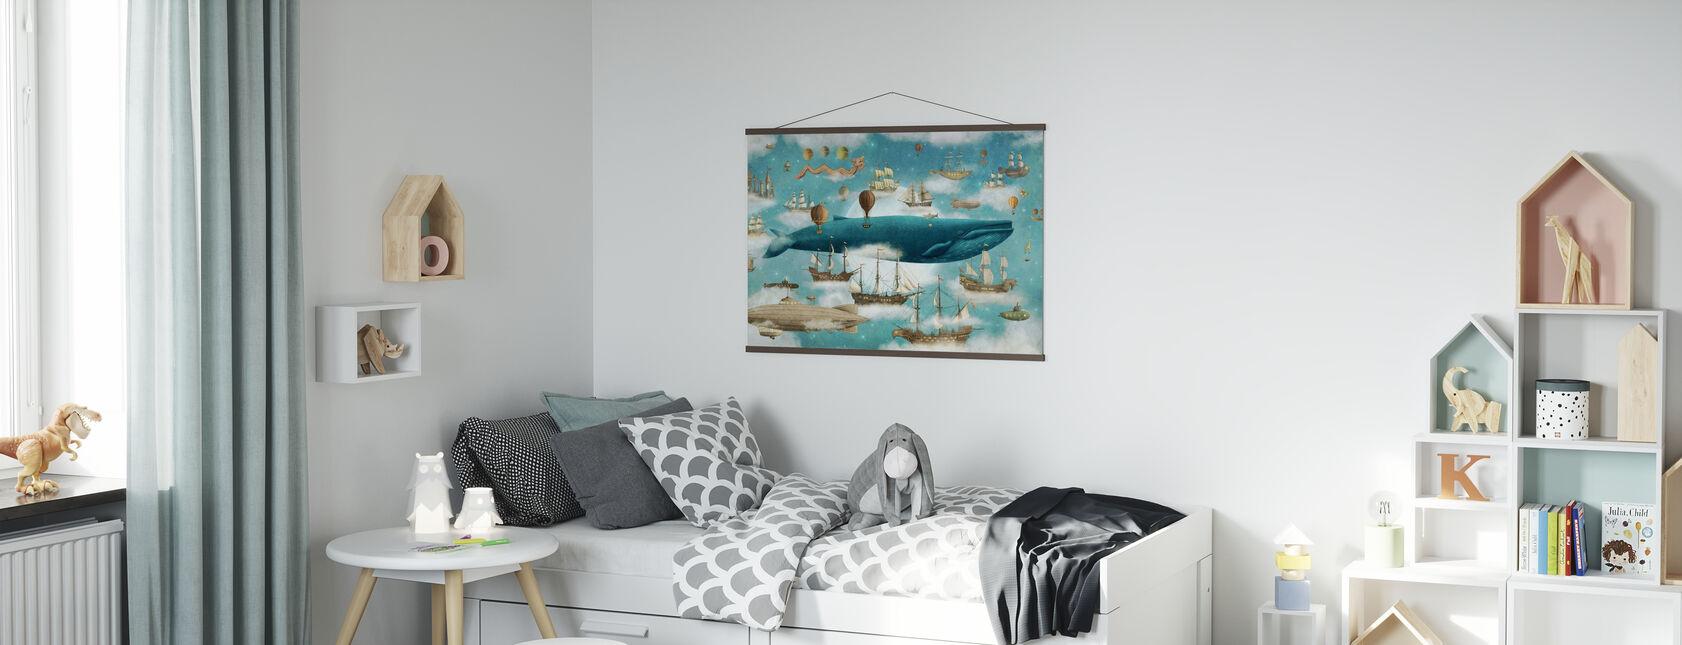 Ocean Meets Sky Cover - Affiche - Chambre des enfants